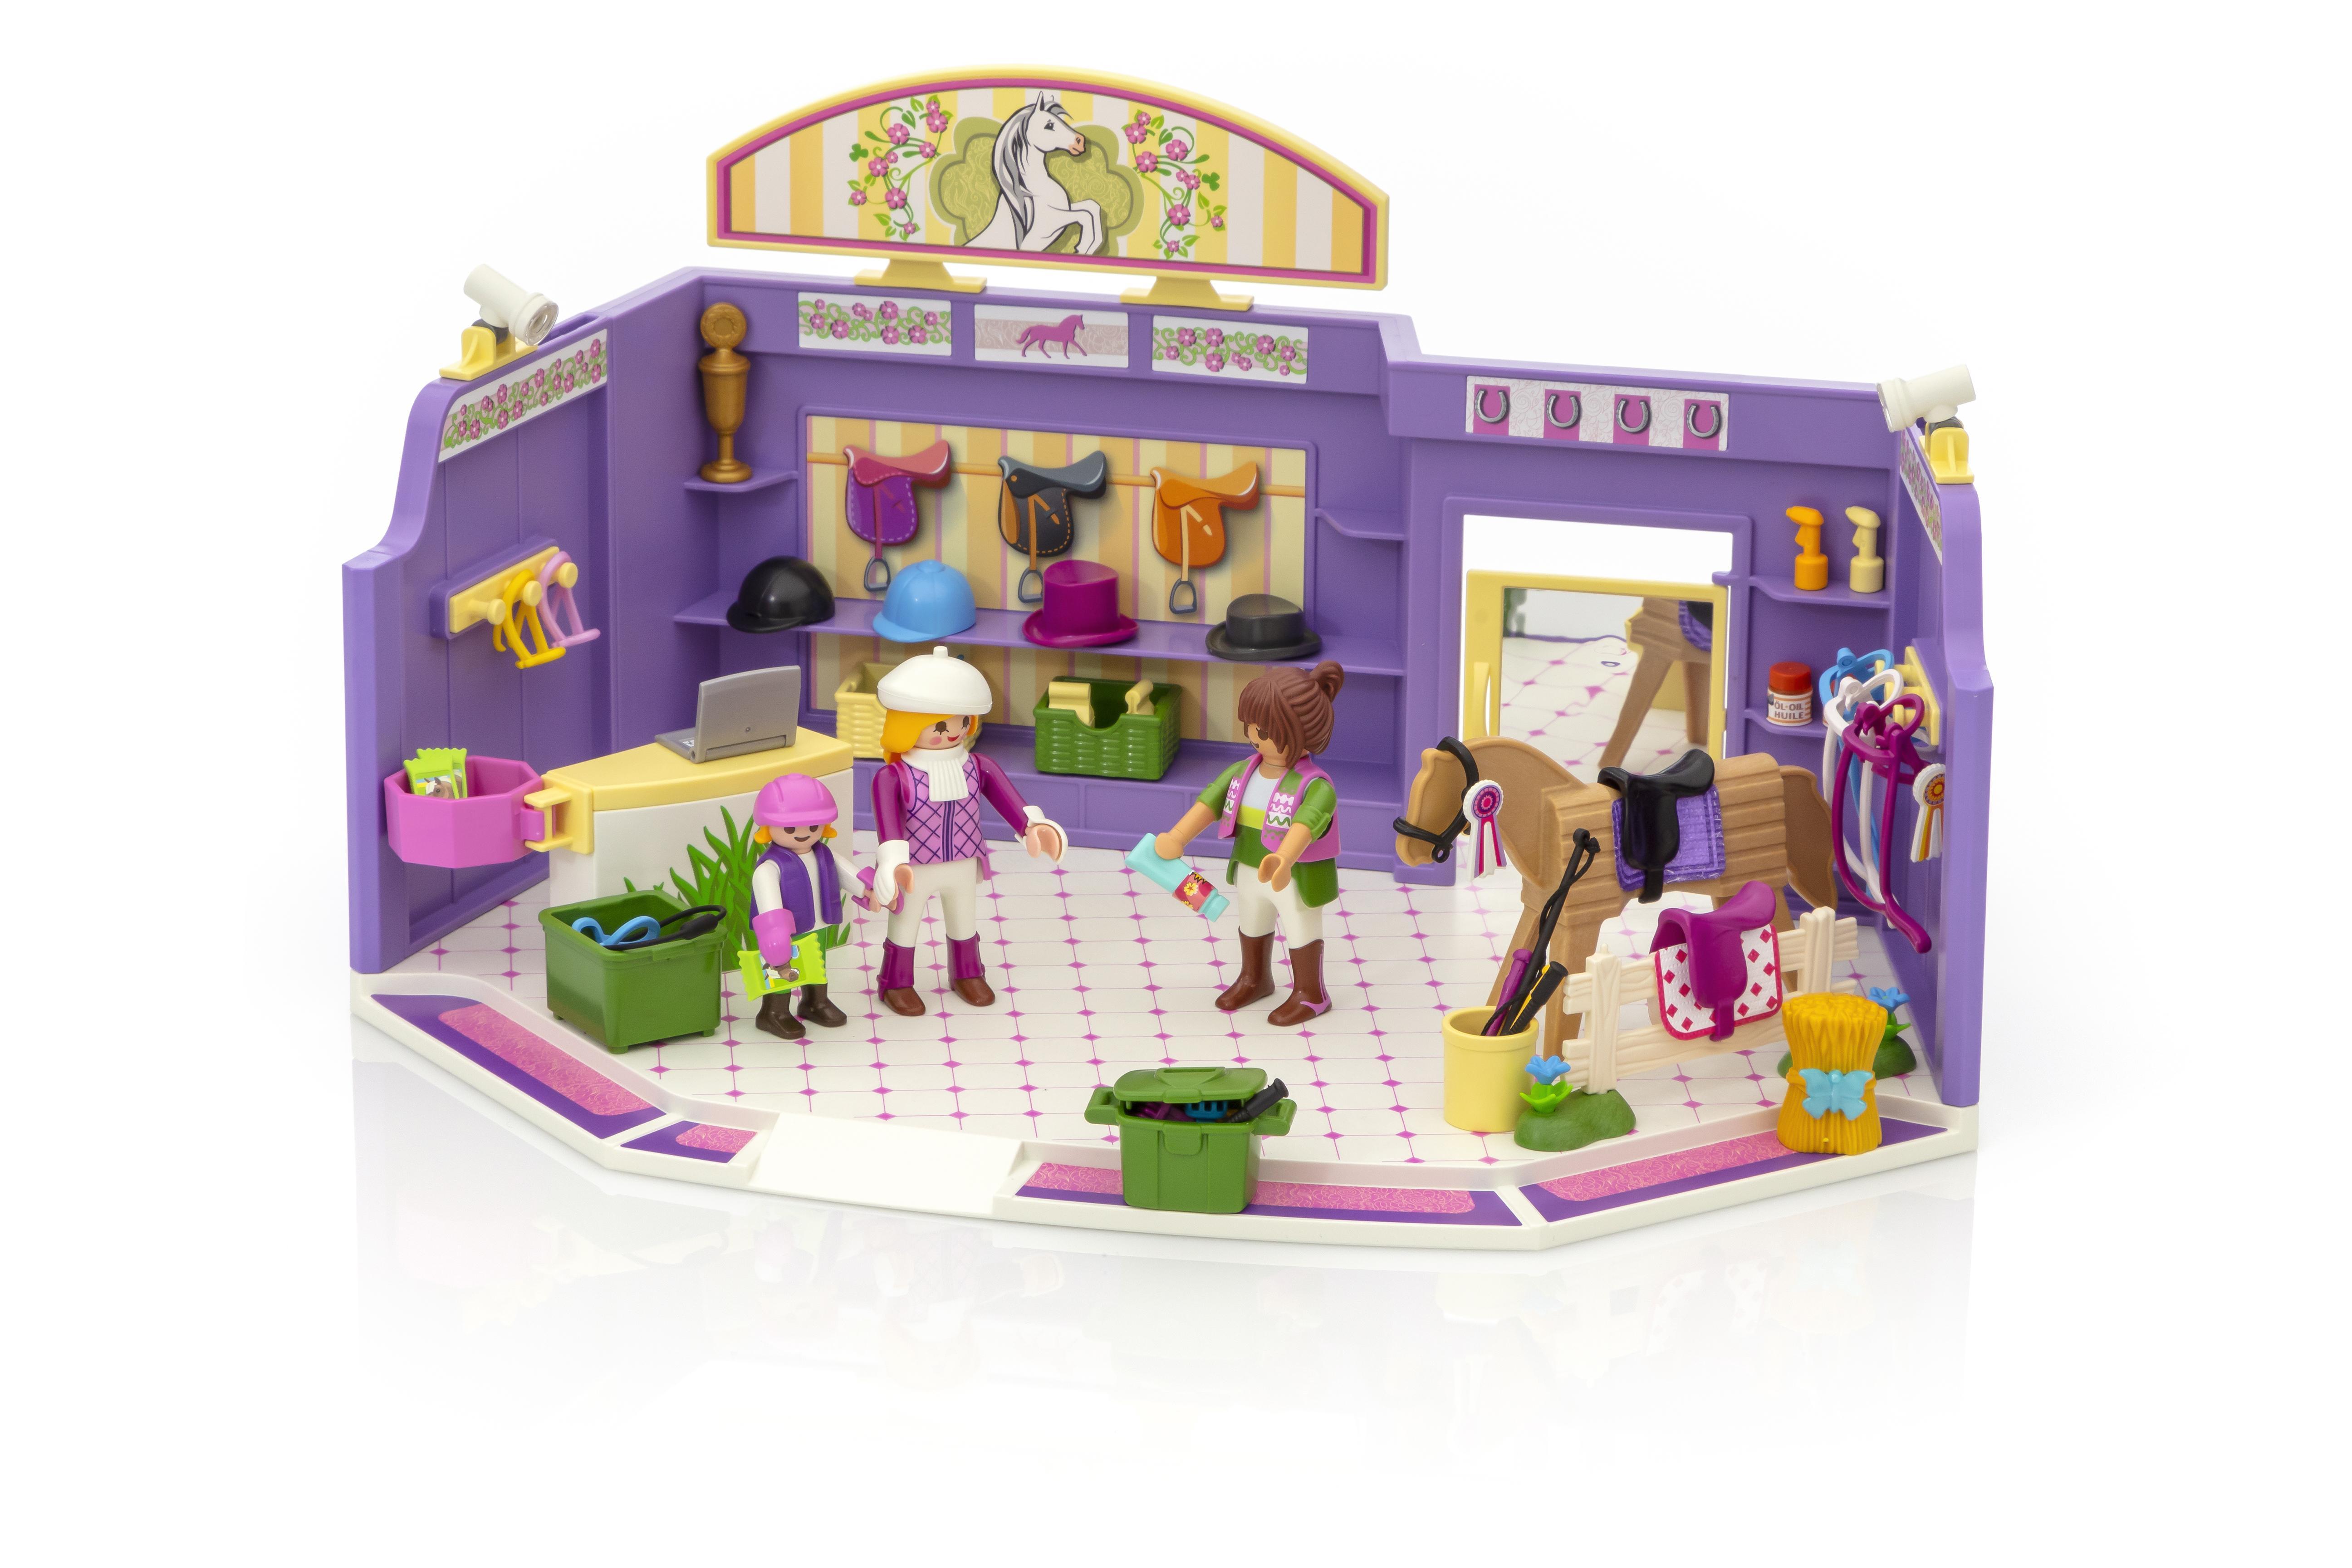 Boutique D Equitation 9401 Playmobil Belgie